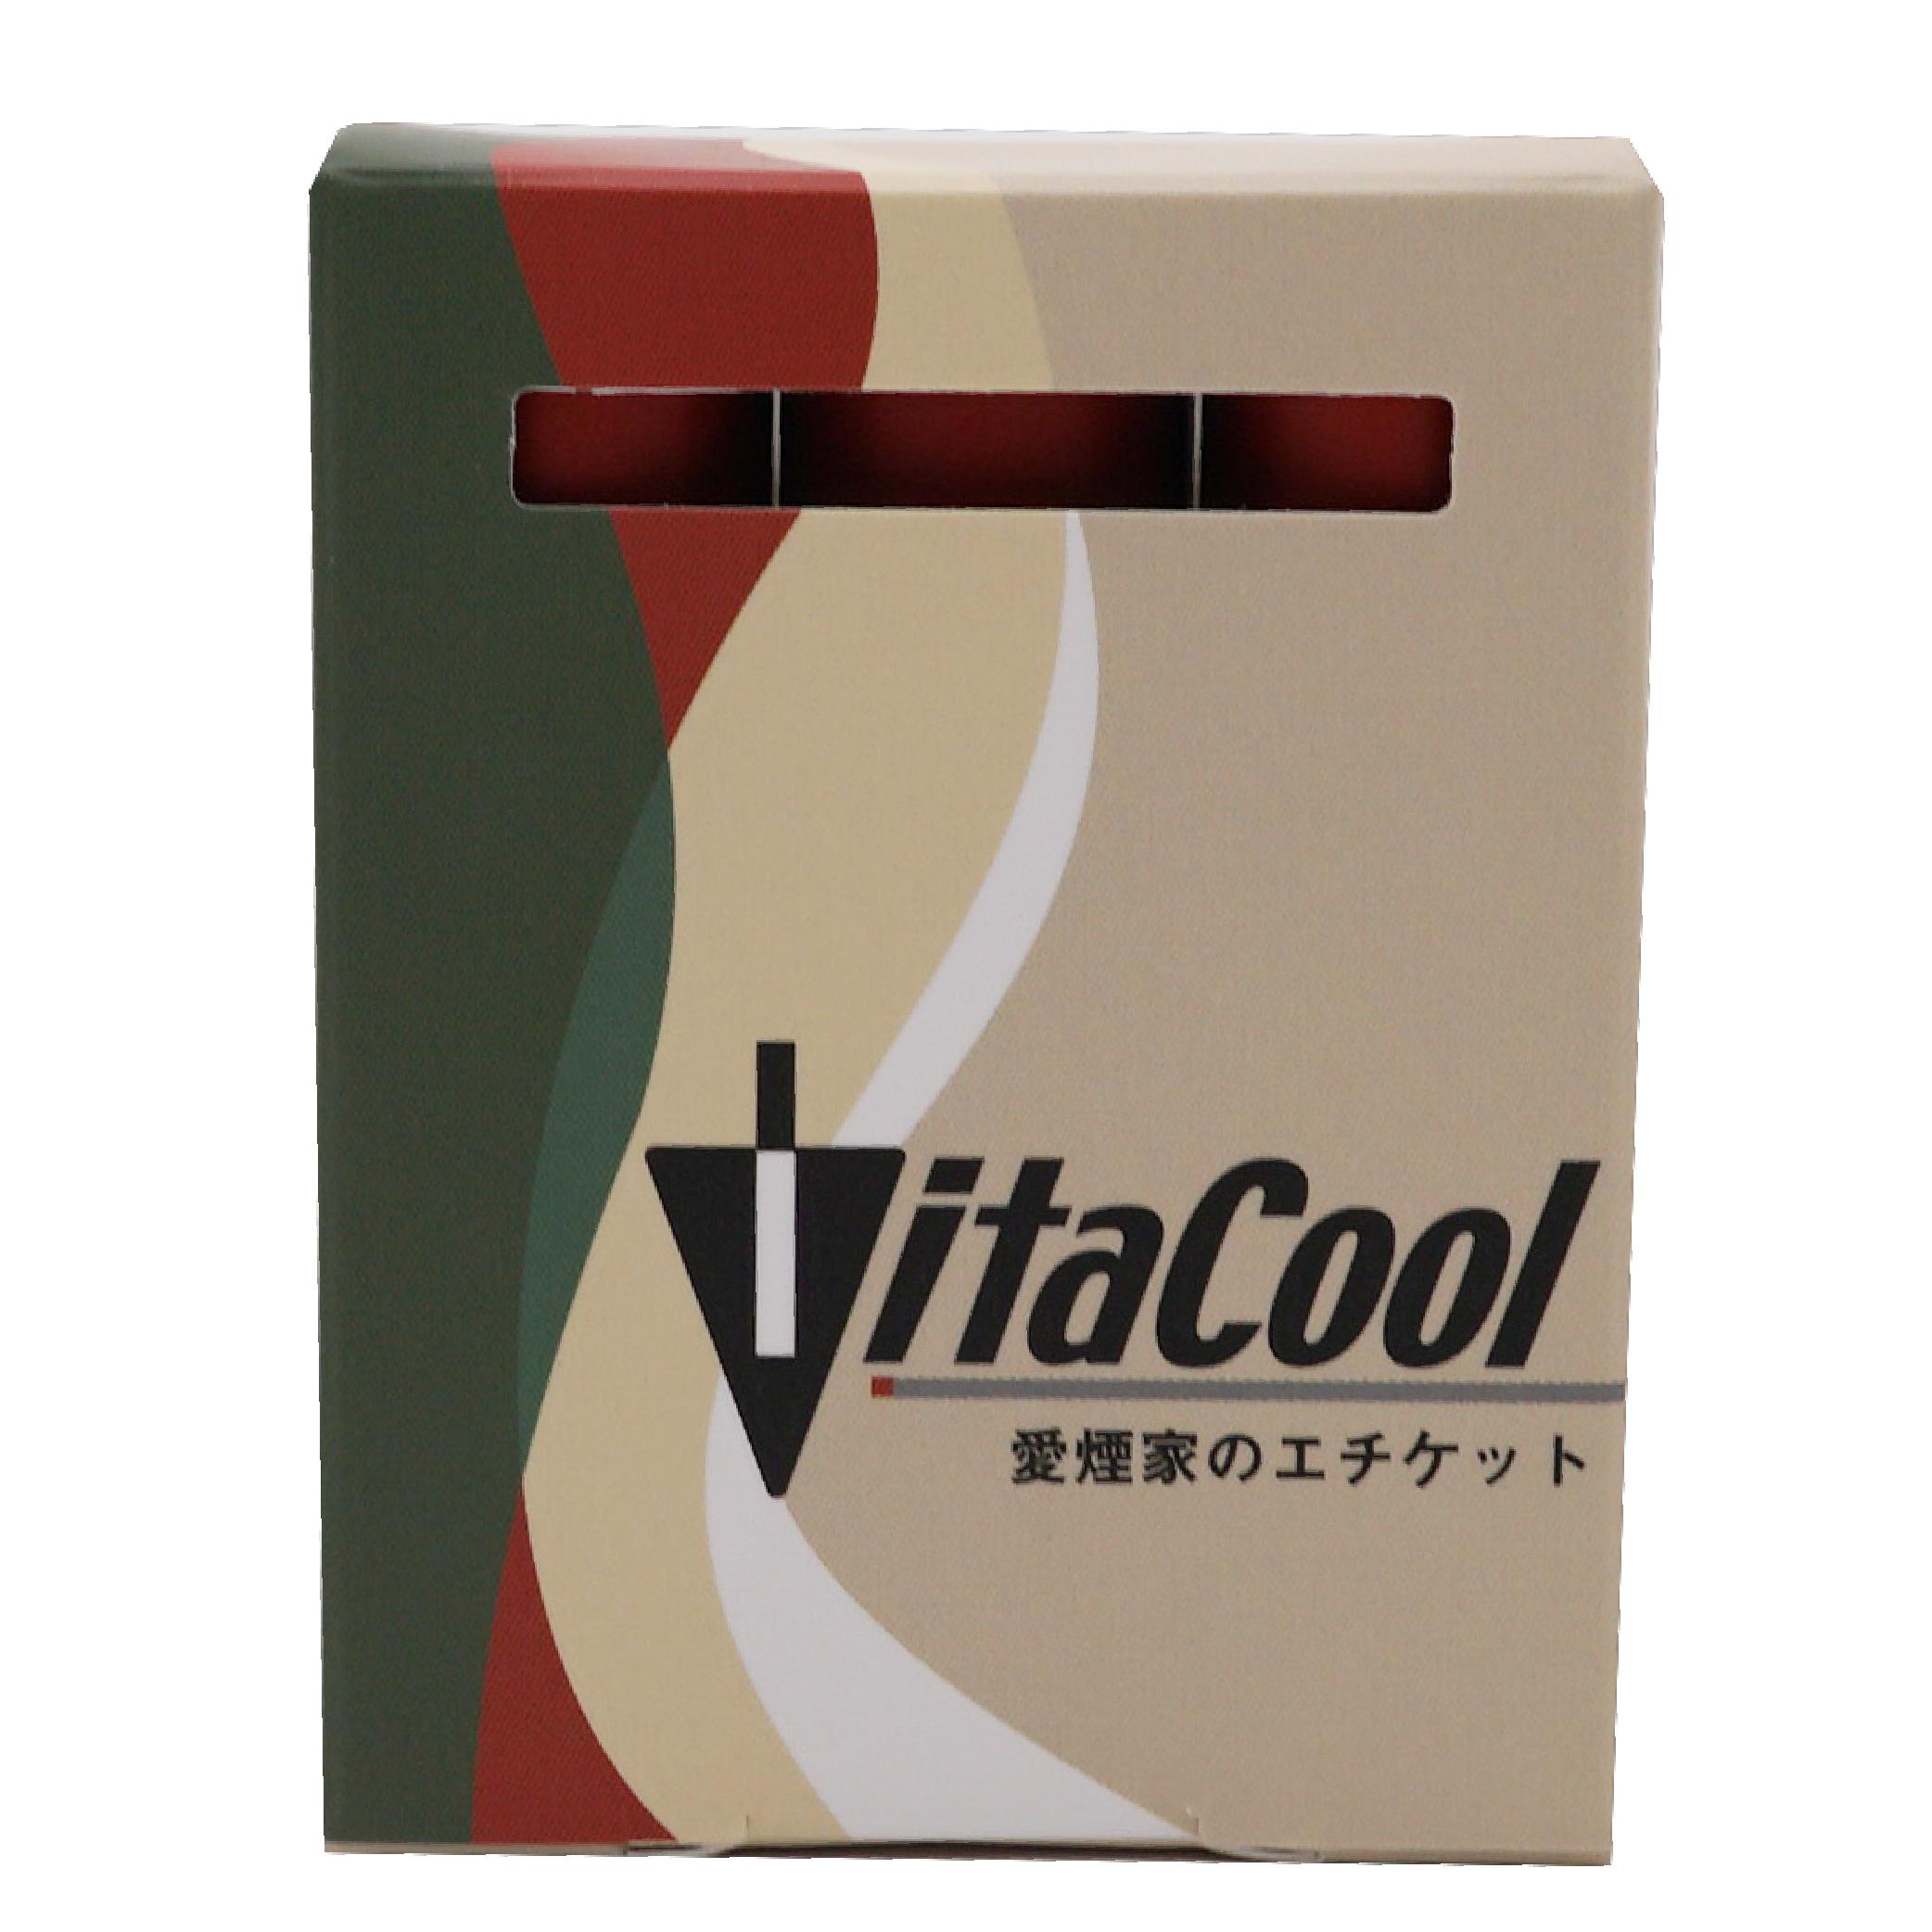 ビタクール マンゴー 5g×3本 プログラムパック  (vitacool Mango 5g×3 programpack)